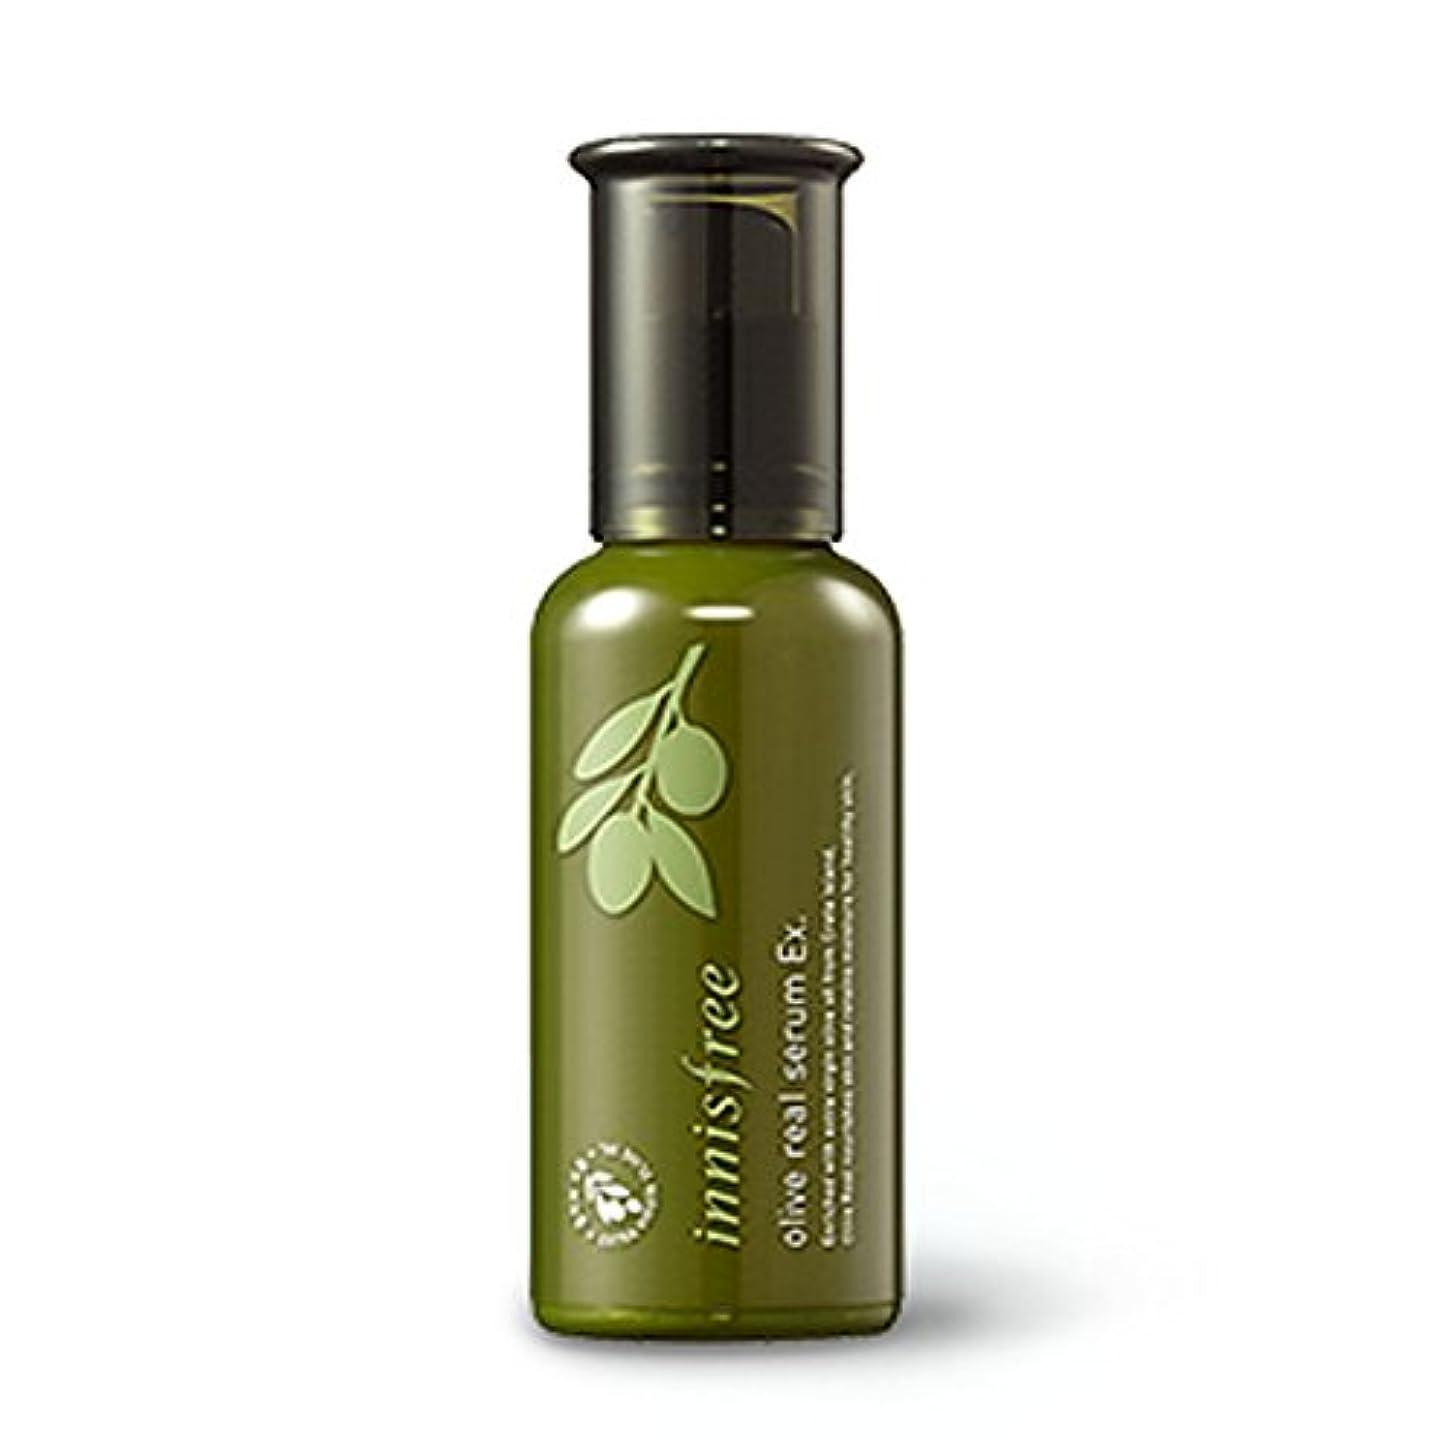 パッケージ平野へこみイニスフリーオリーブリアルセラム 50ml / Innisfree Olive Real Serum Ex. 50ml[海外直送品][並行輸入品]